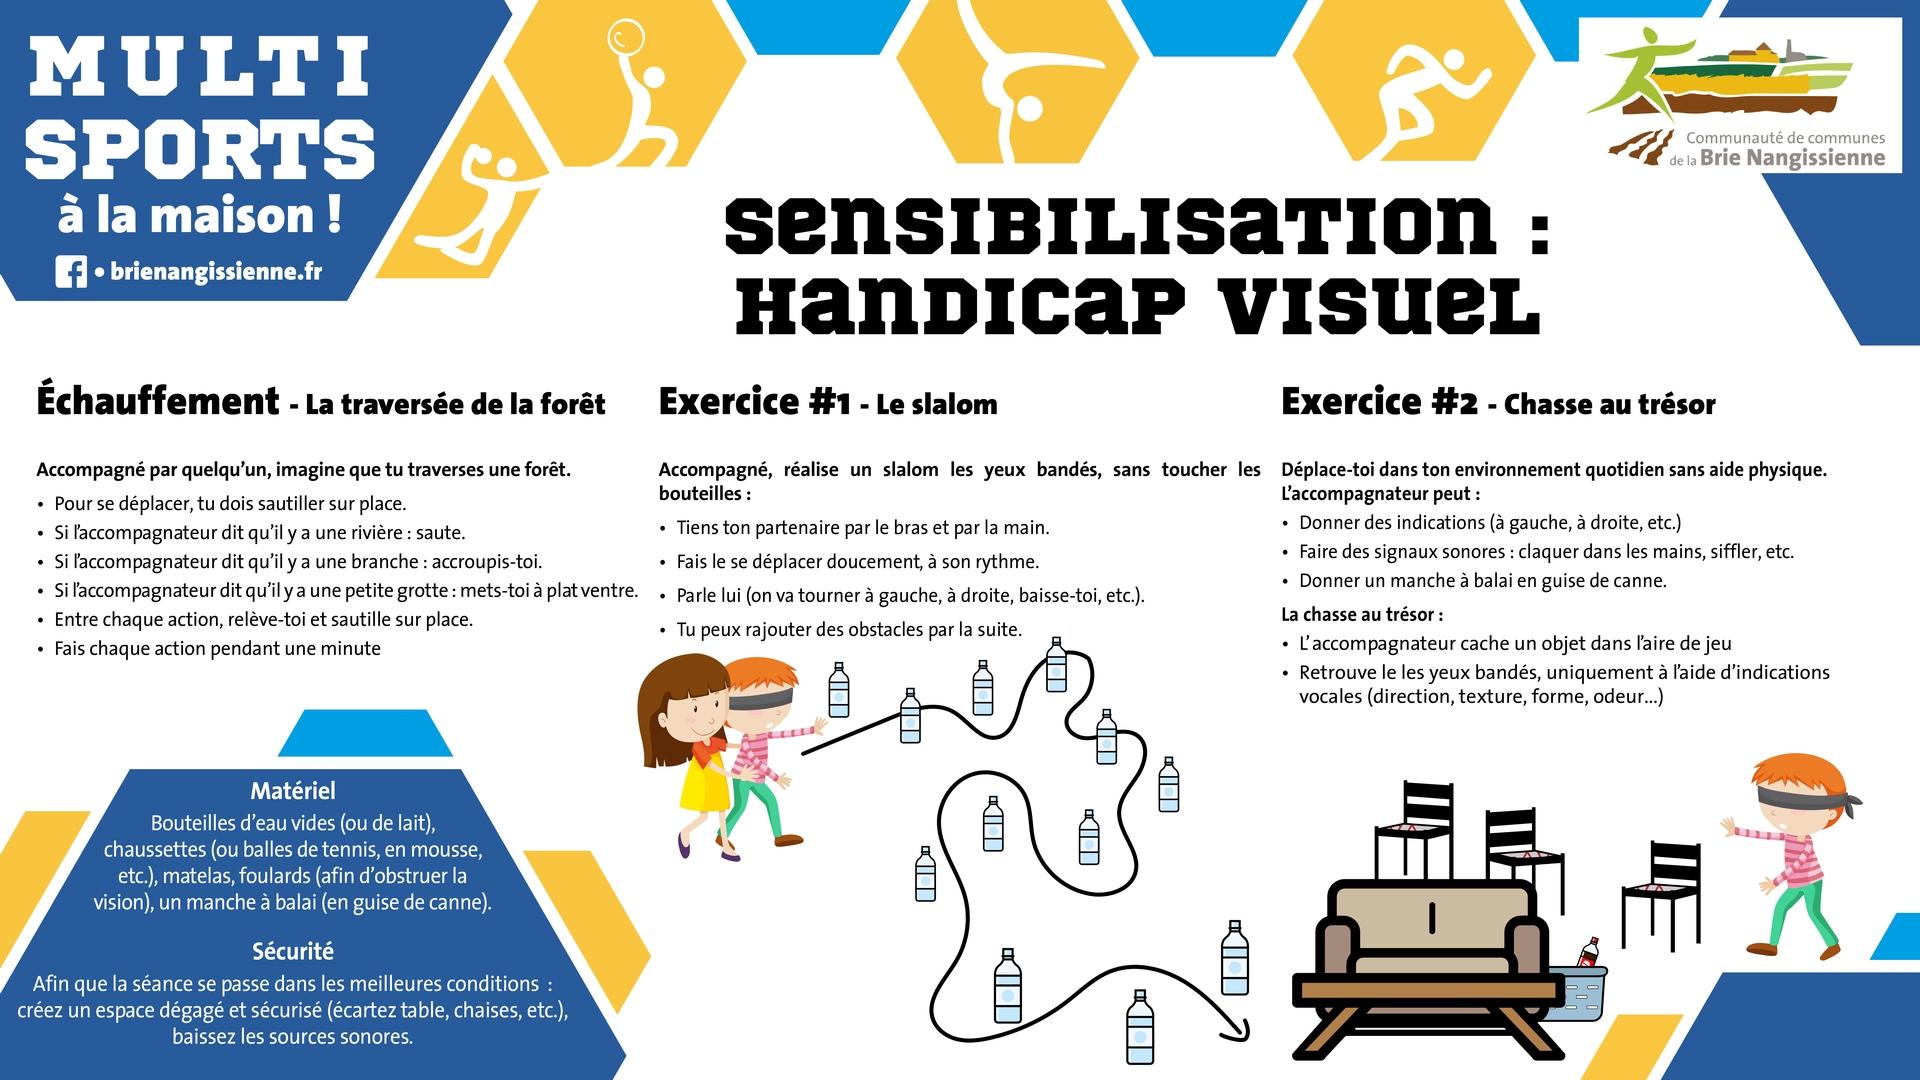 Activité #15 Sensibilisation handicap visuel 1 - FICHE